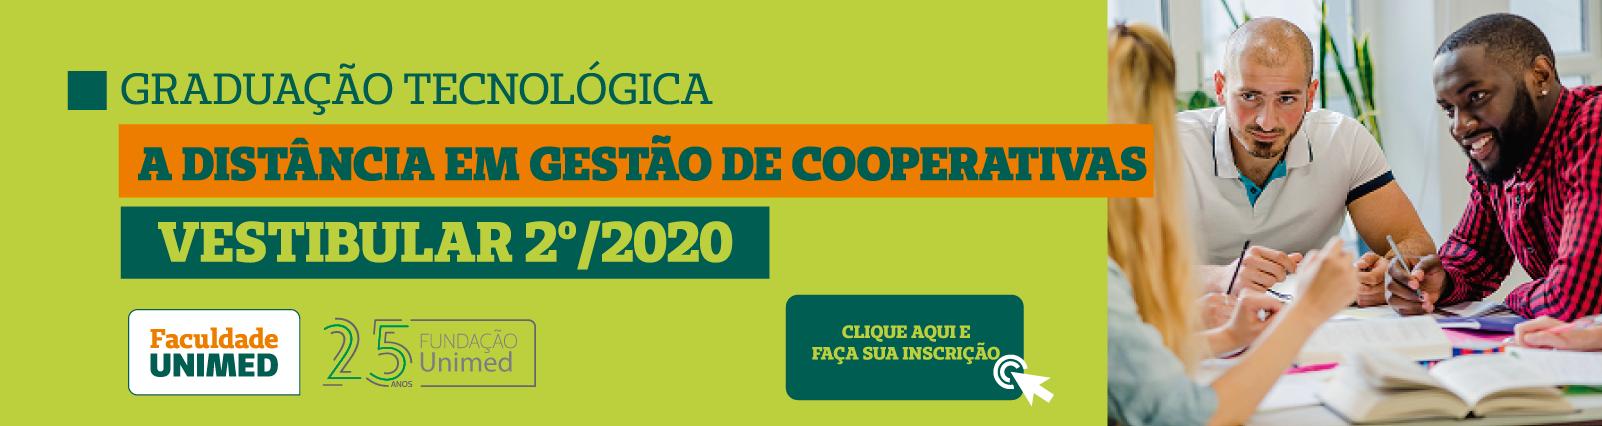 Vestibular 2º/2020 Graduação Tecnológica a Distância em Gestão de Cooperativas